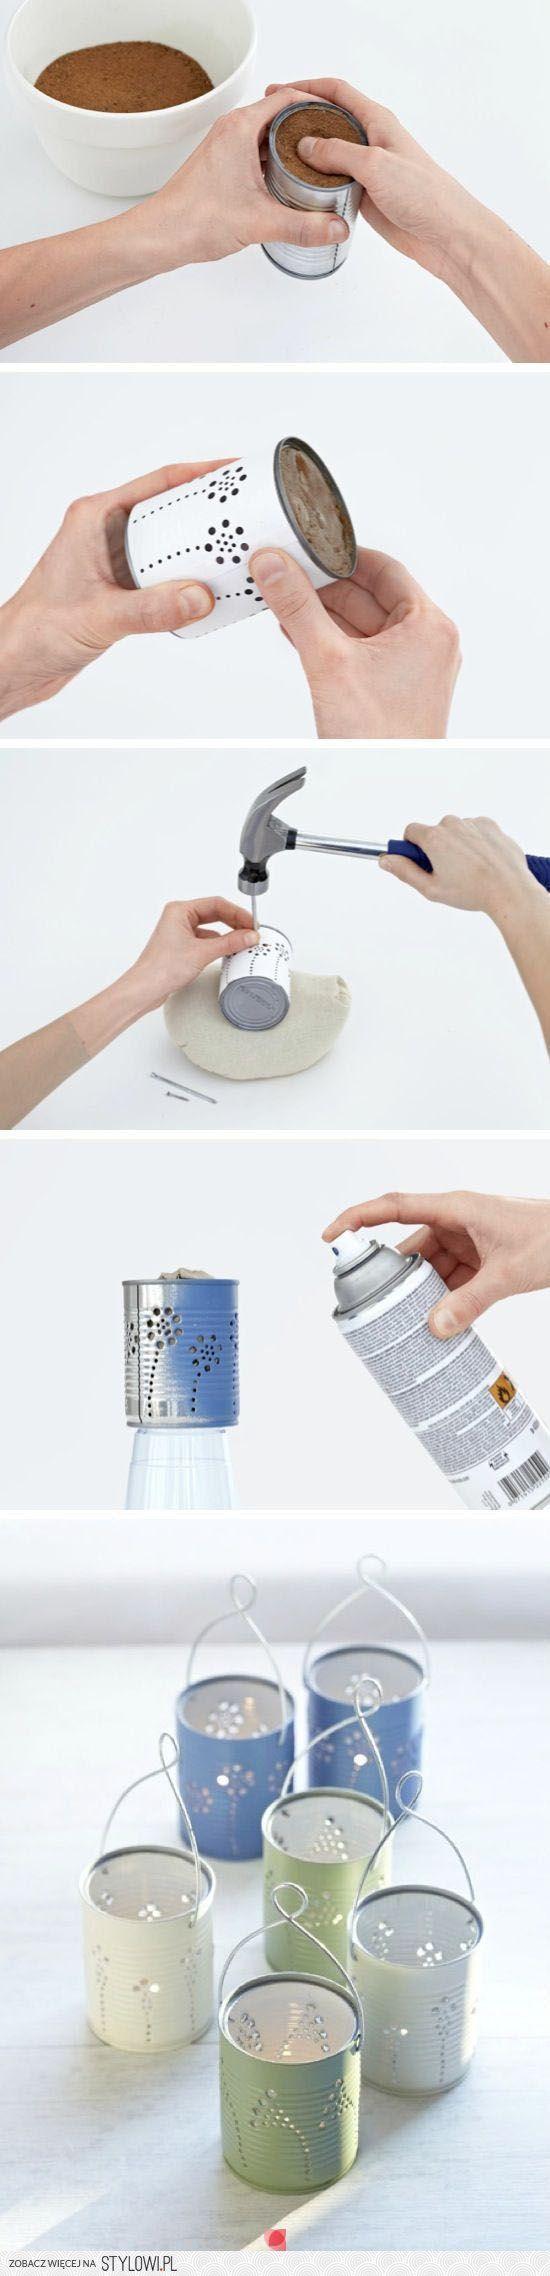 Blechdosen einrichtung pinterest blechdosen basteln for Blechdosen basteln